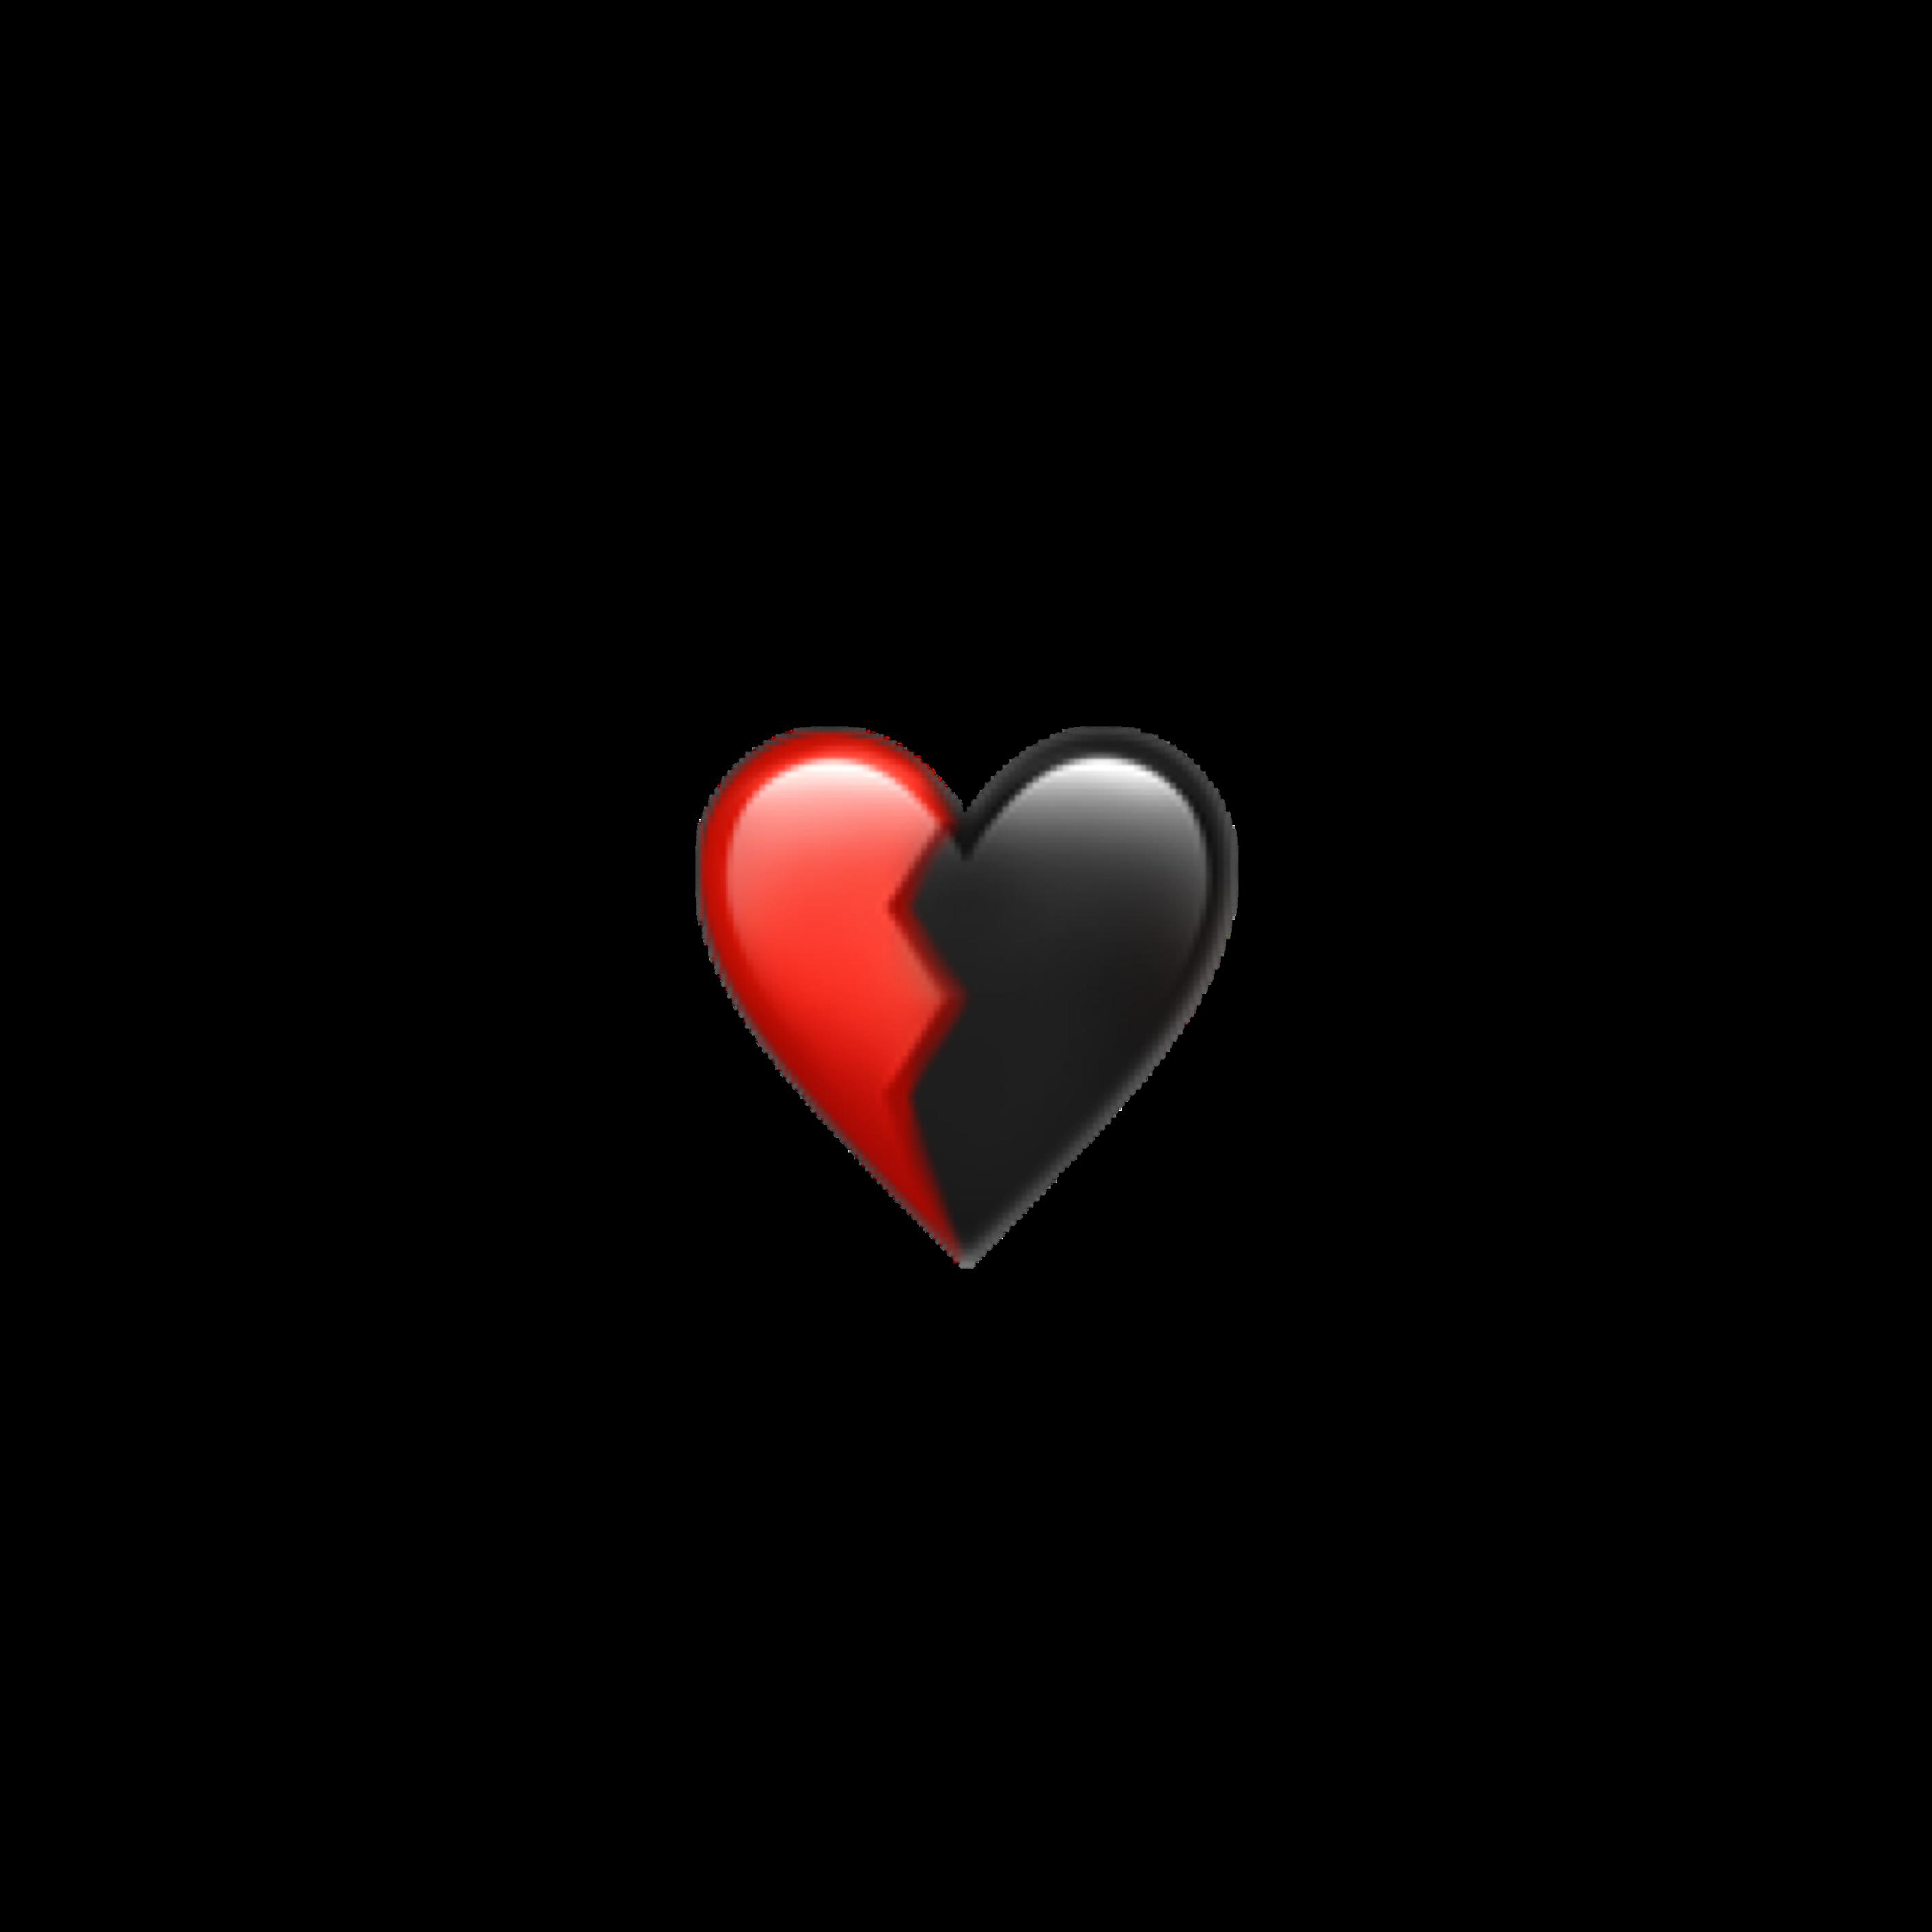 Broken Brokenheart Emoji Iphonesticker Iphone Iphoneemoji Black Red Freetoedit Remixit Cute Emoji Wallpaper Emoji Wallpaper Cute Emoji